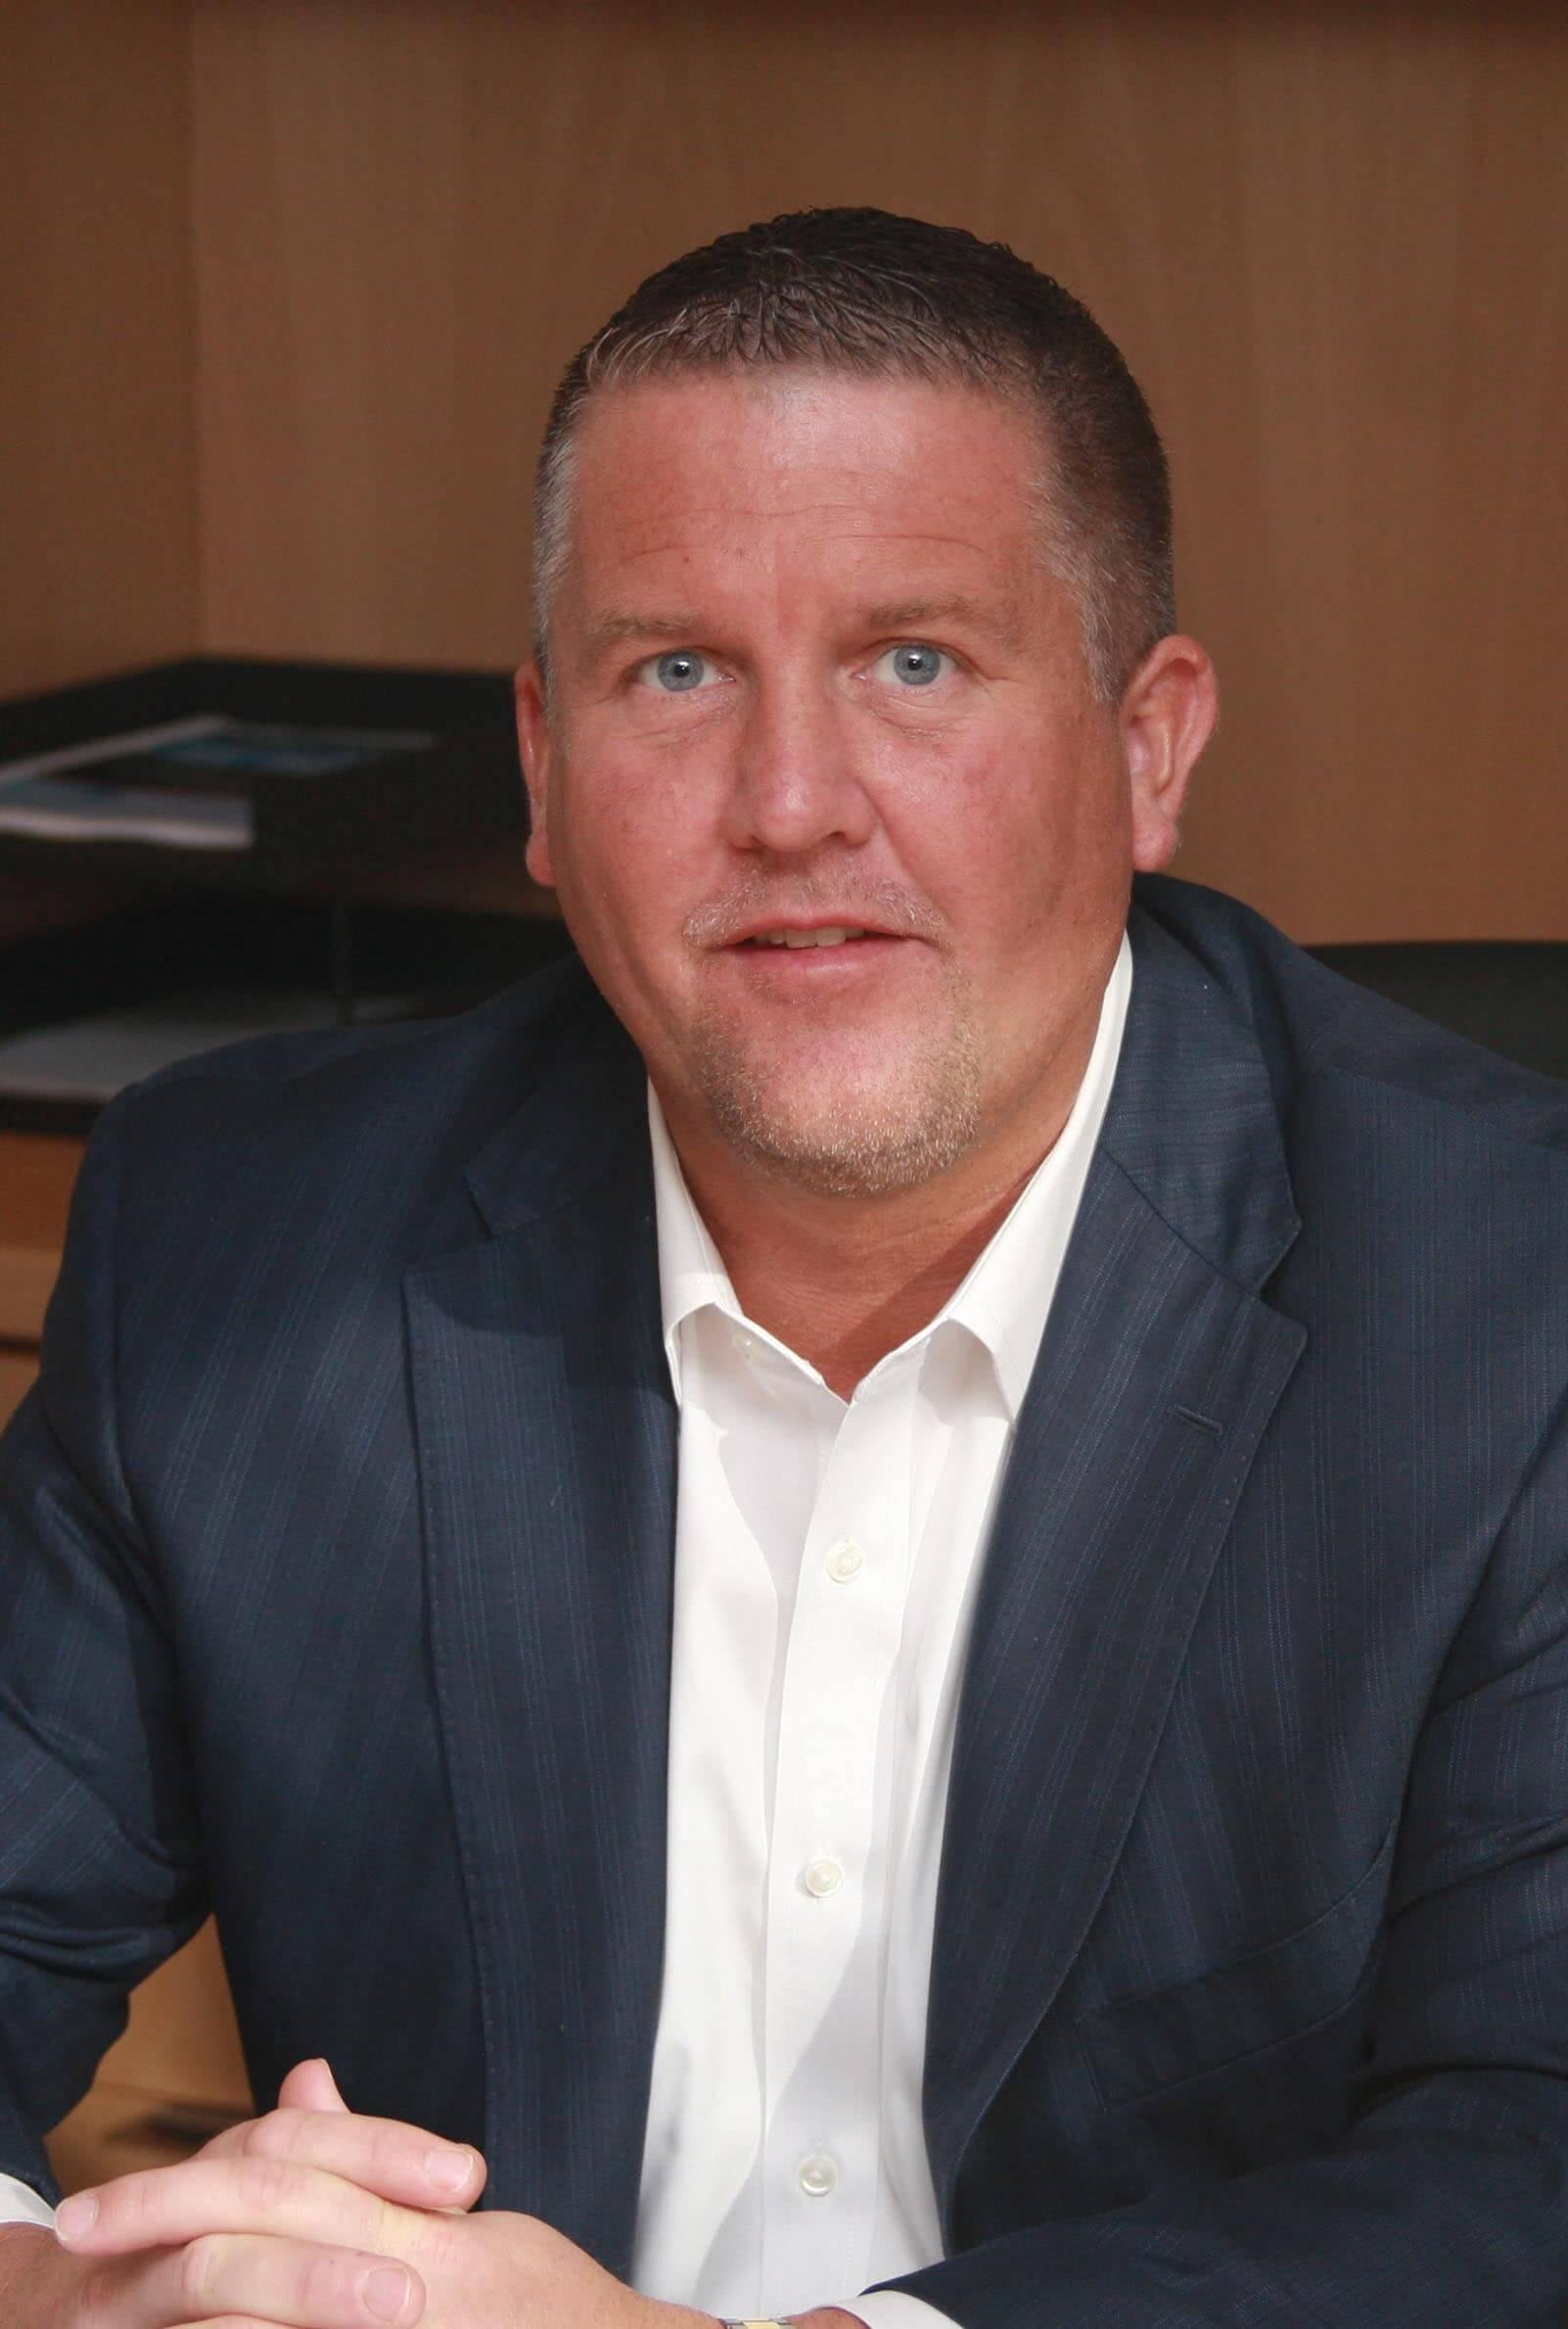 Scott Redden